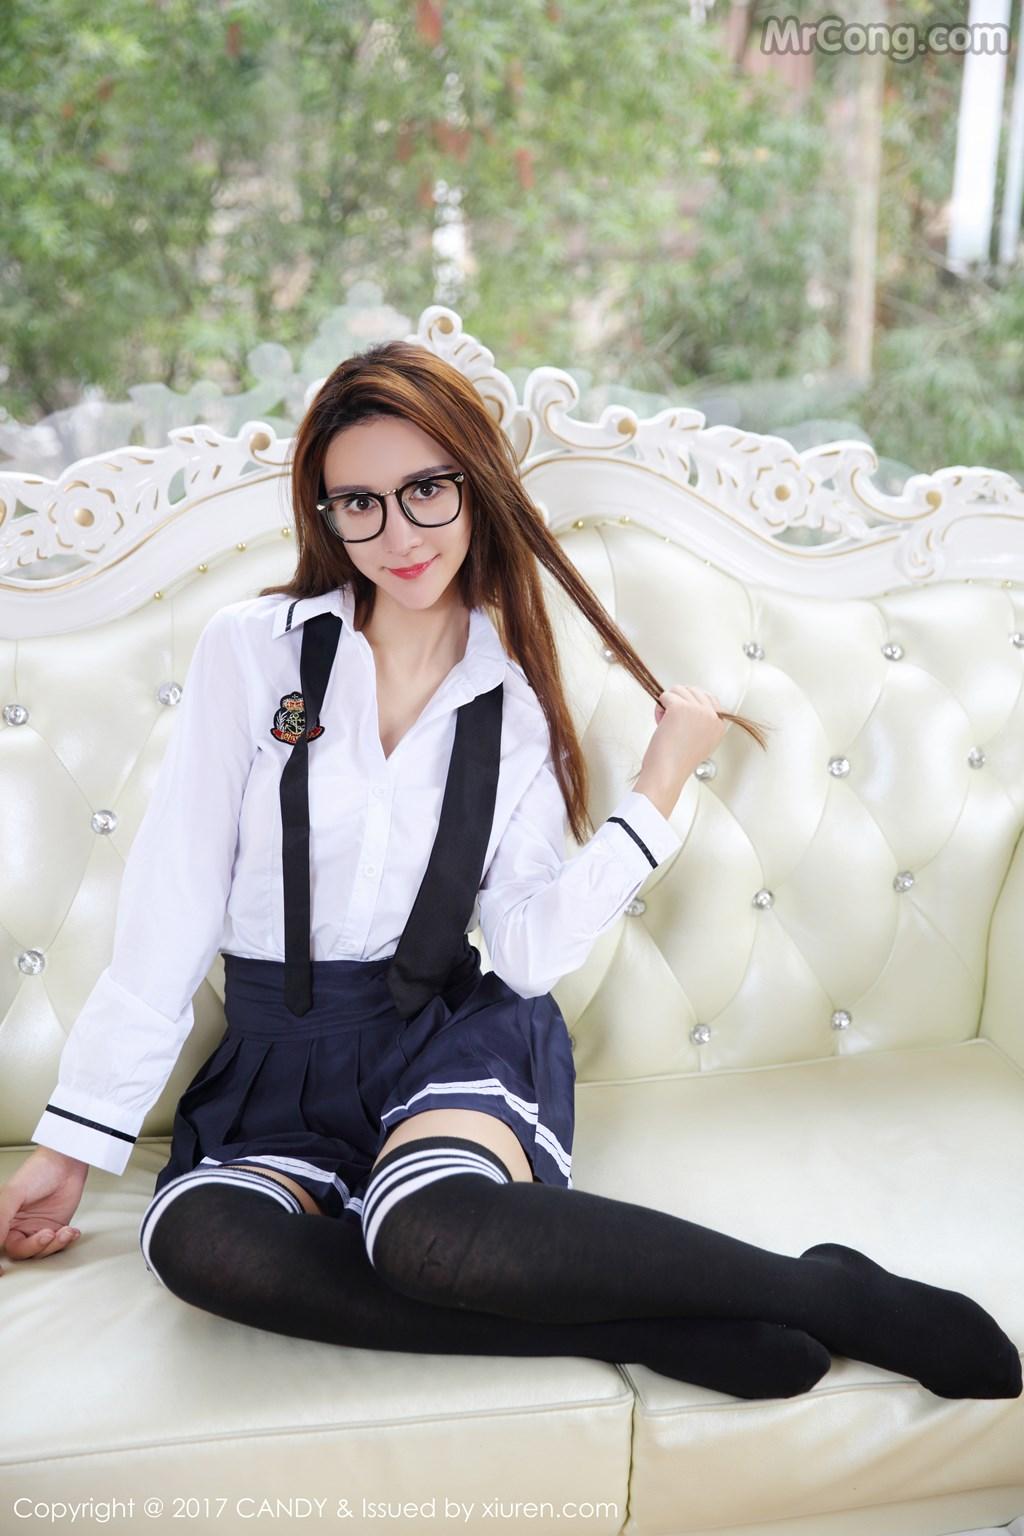 Image CANDY-2017-04-28-Vol.020-Yi-Li-Na-MrCong.com-006 in post CANDY Vol.020: Người mẫu Yi Li Na (伊莉娜) (59 ảnh)